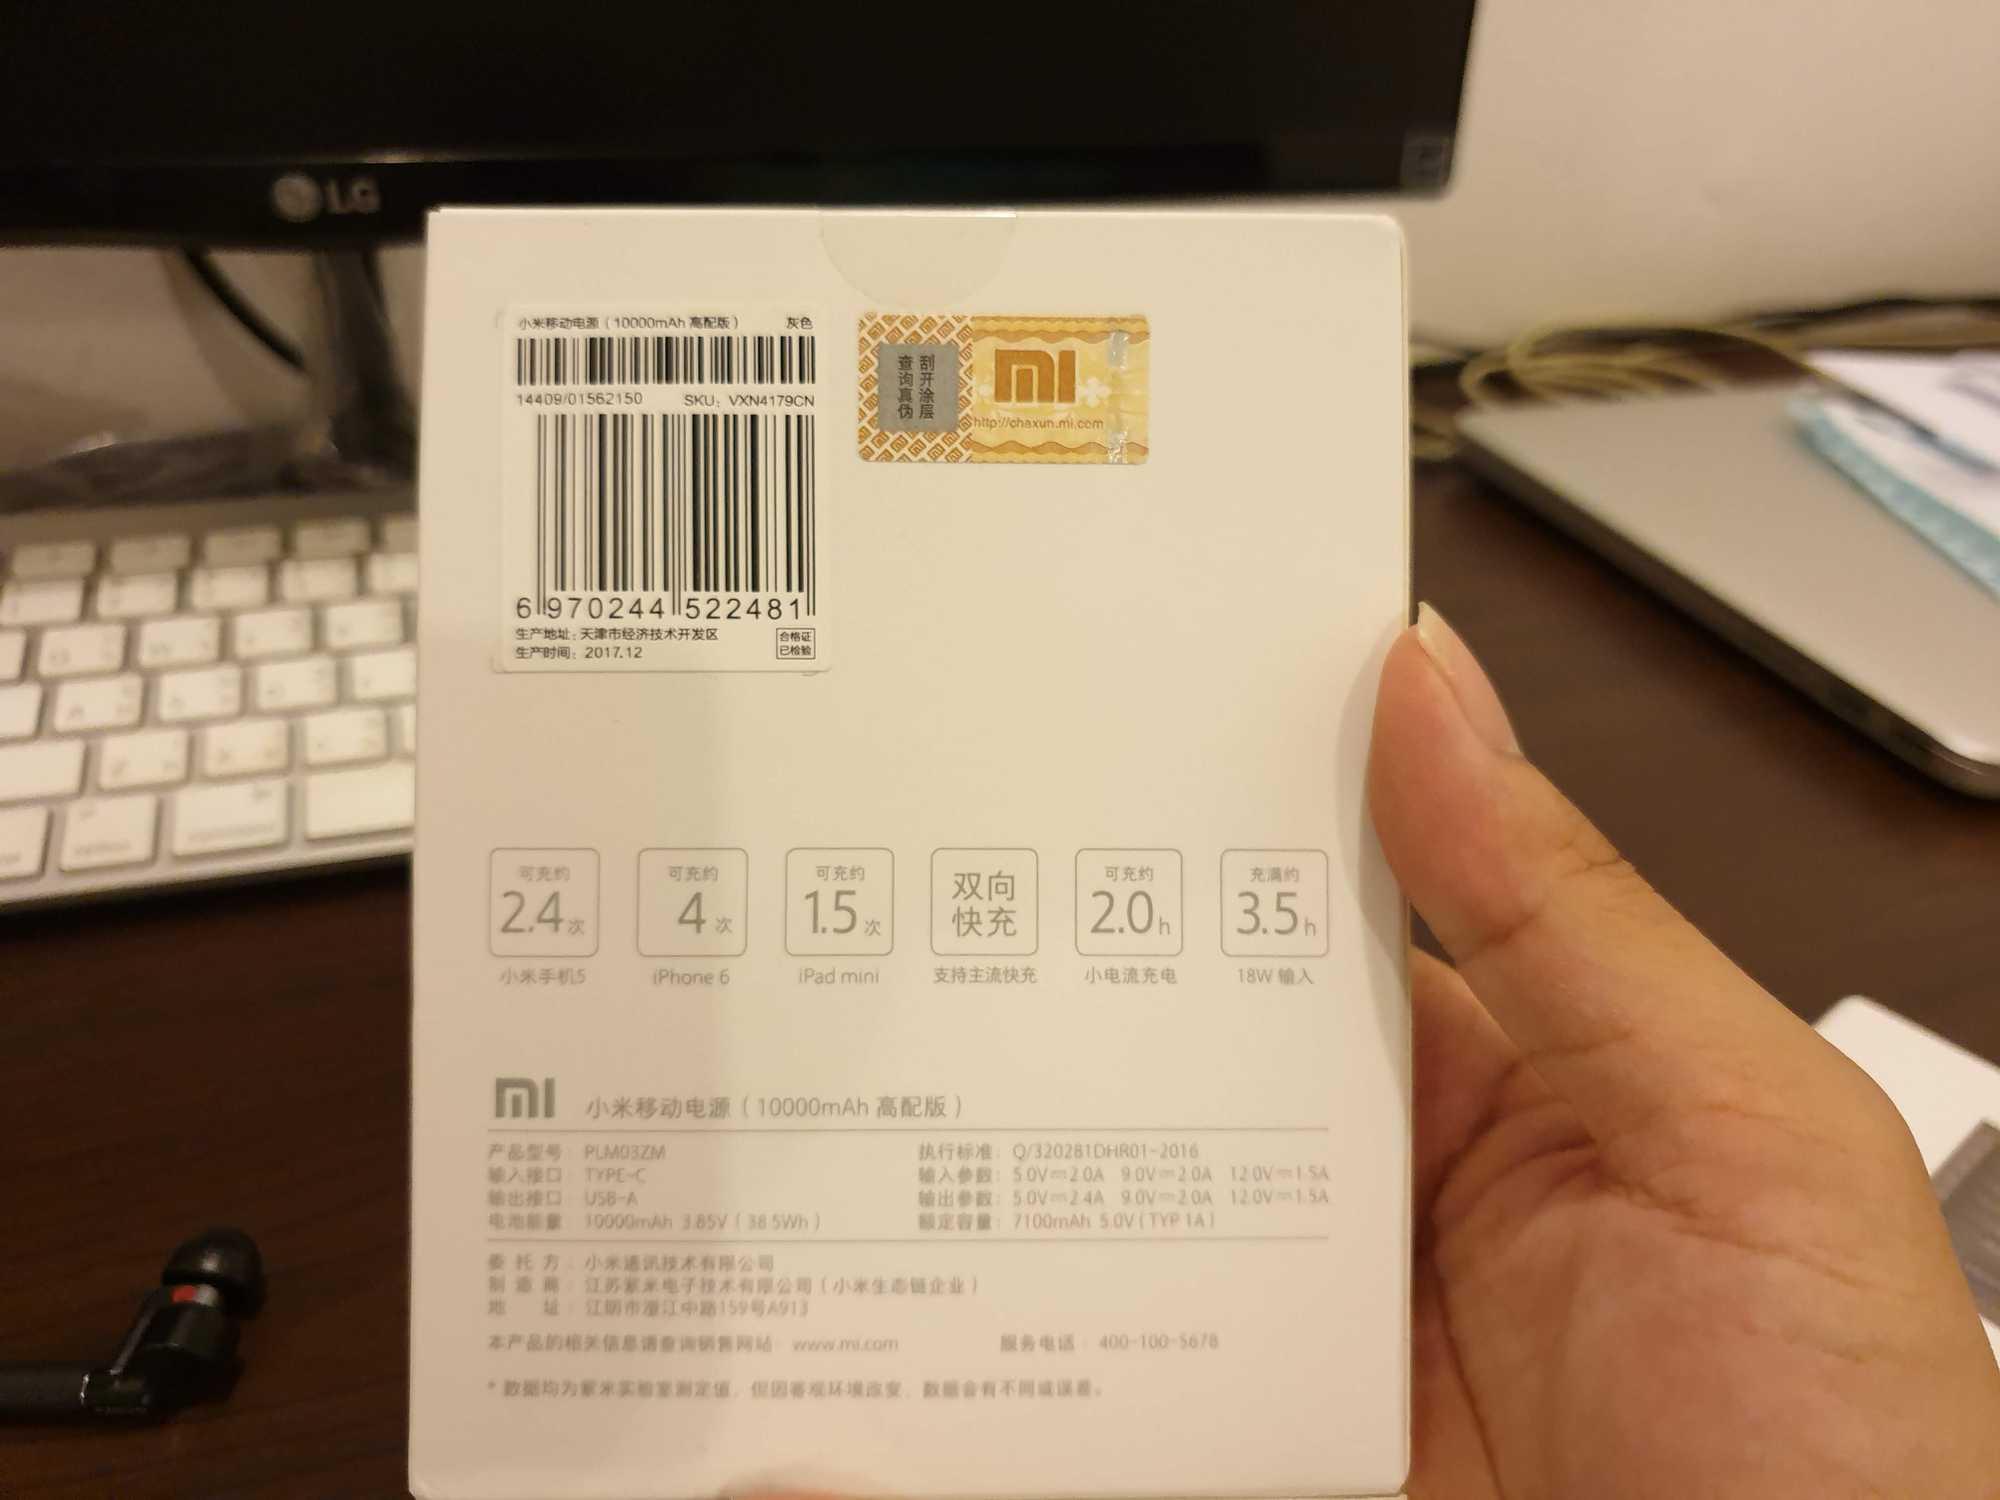 Mi Power Bank Pro 10000 man Box Back